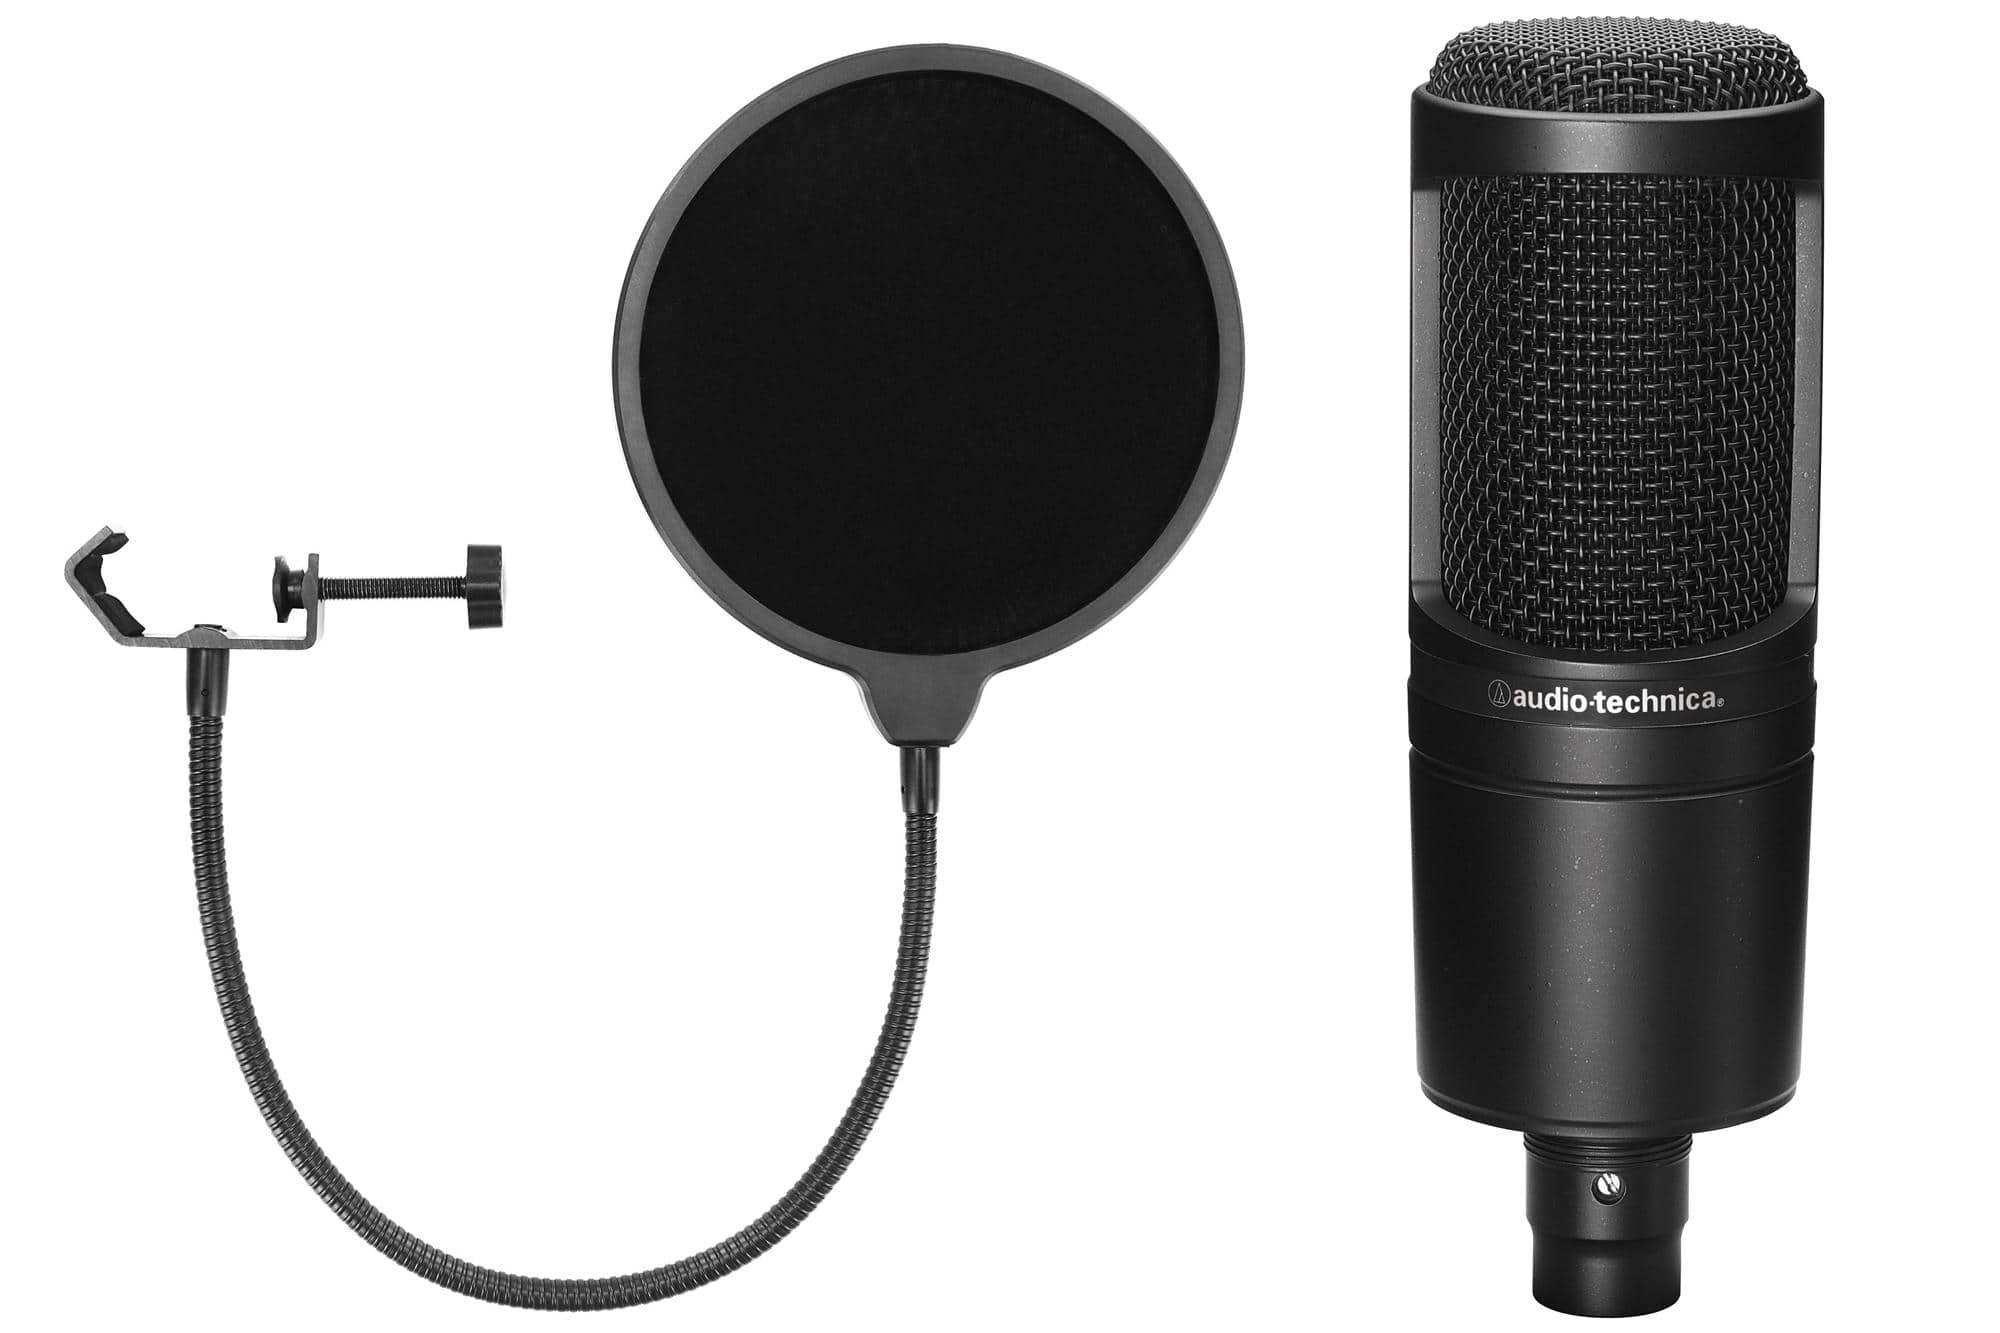 Mikrofone - Audio Technica AT2020 Kondensatormikrofon Set inkl. Popkiller - Onlineshop Musikhaus Kirstein